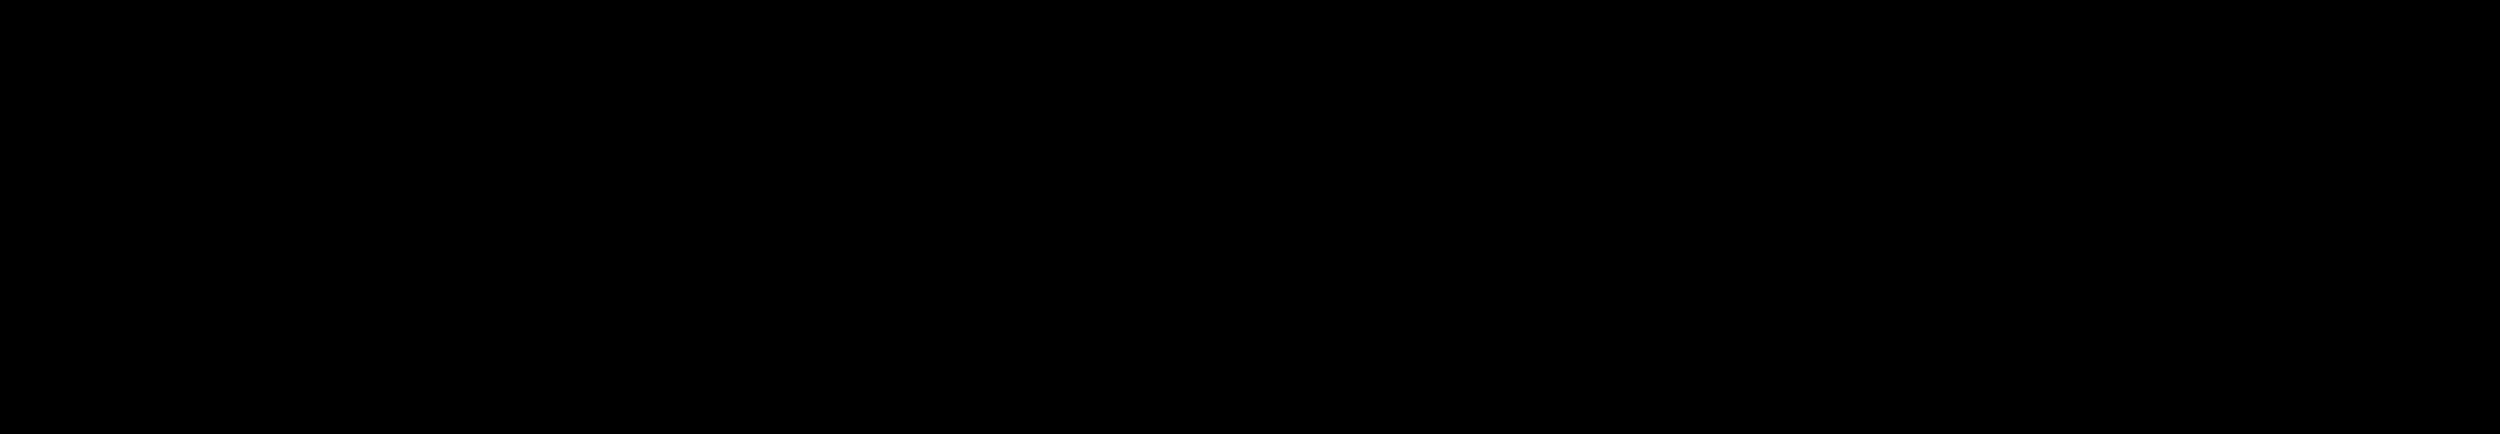 mh_logo_r_black.png